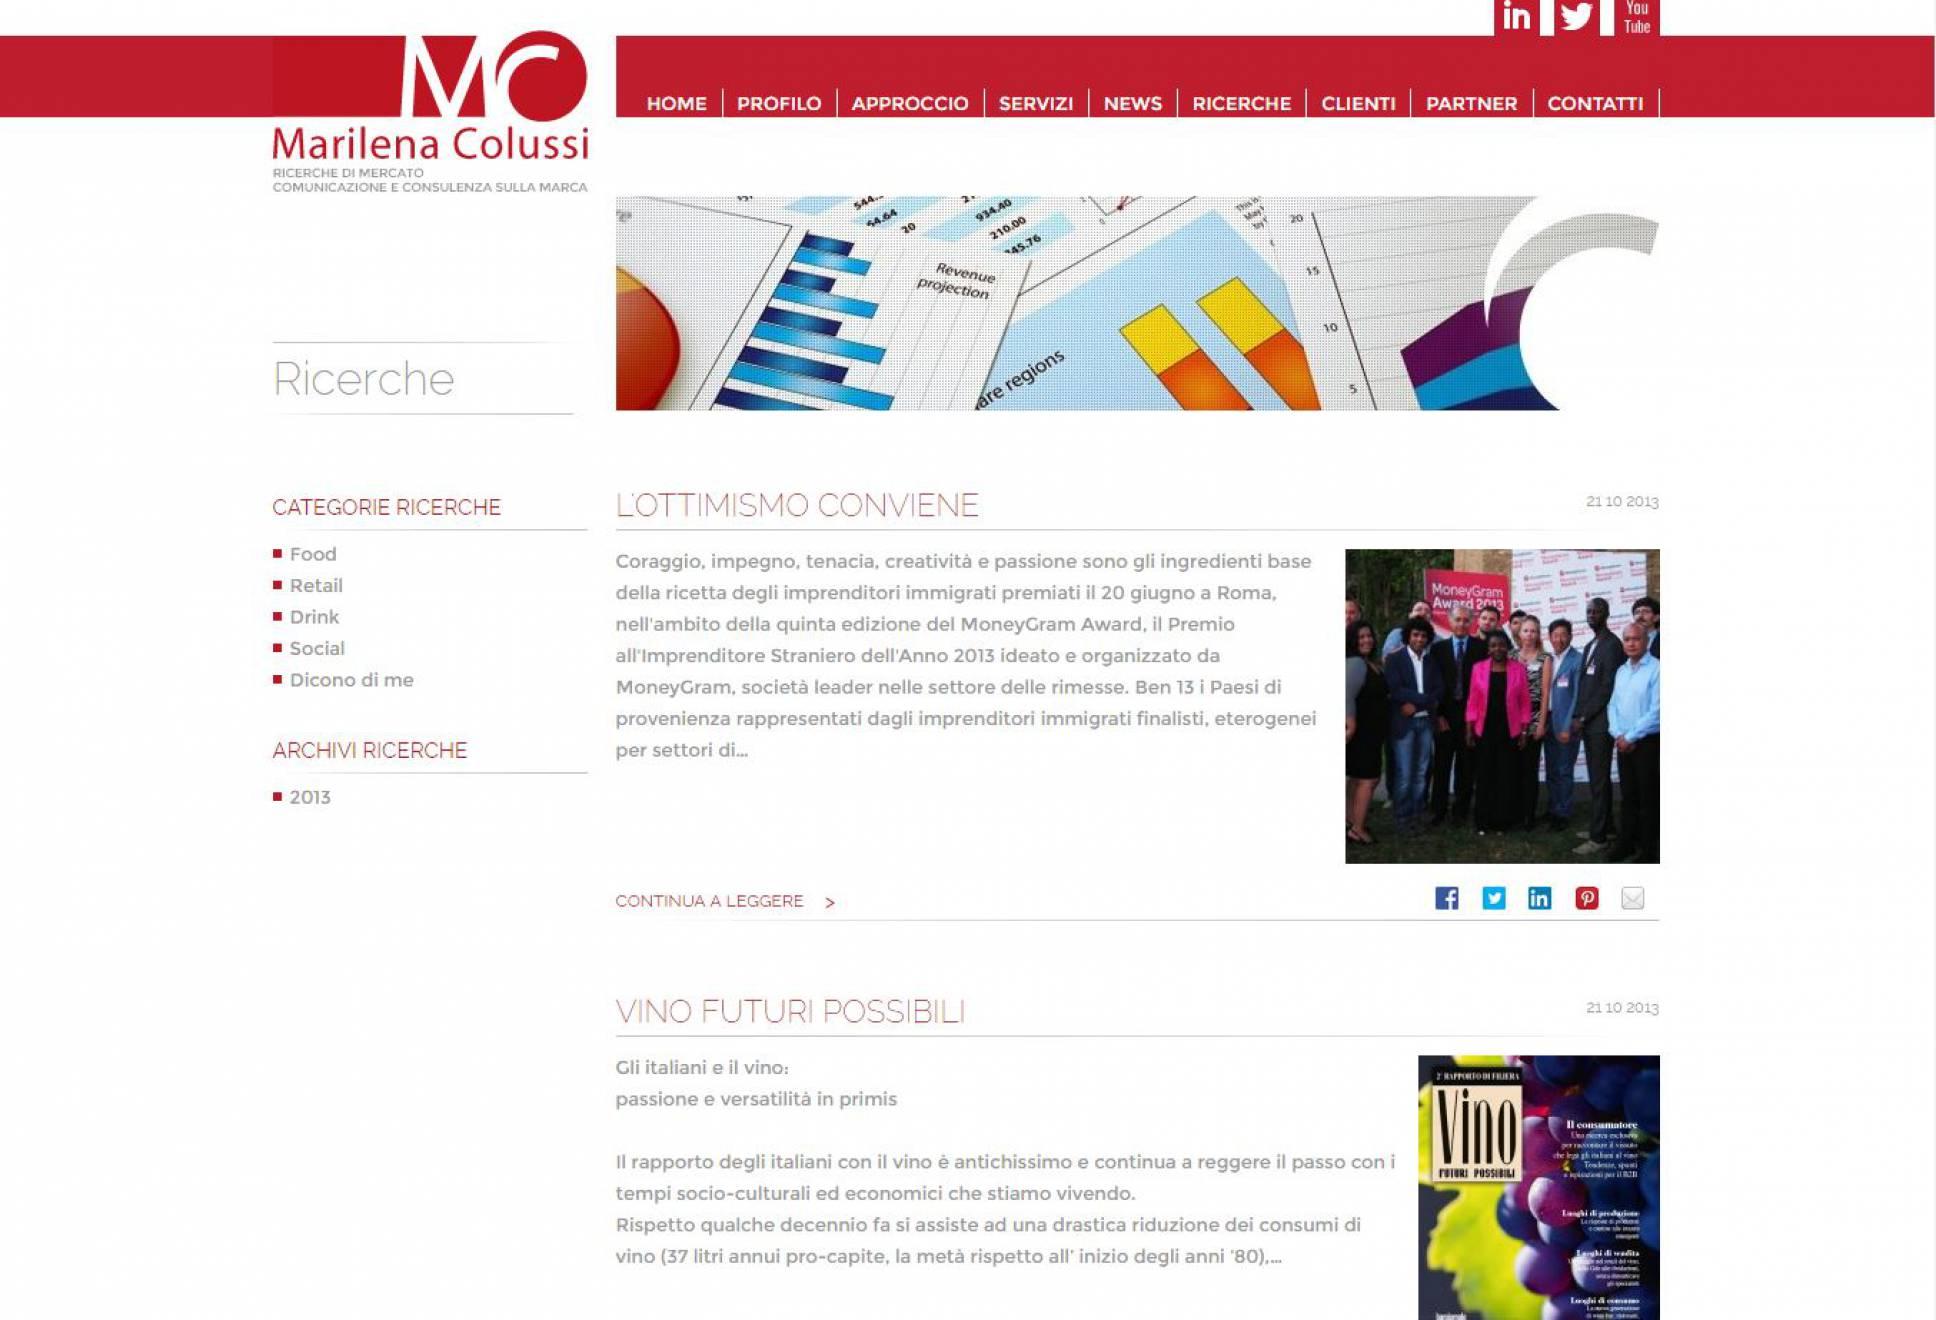 Ricerche sito internet Marilena Colussi